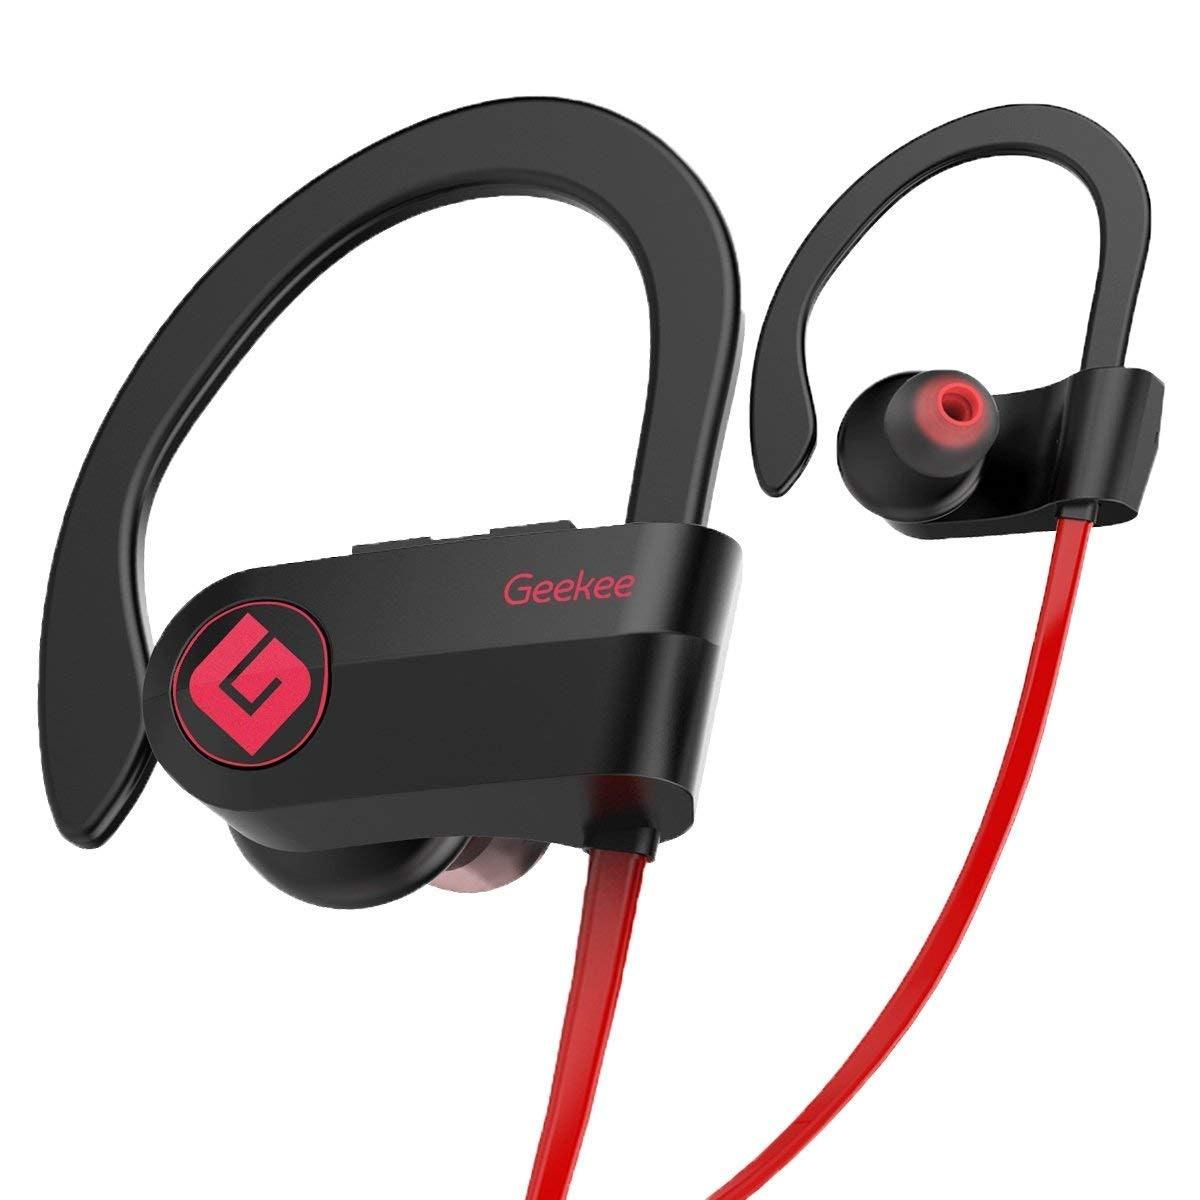 Geekee Wireless Bluetooth Headphones Waterproof IPX7, Best Sport in Ear Earbuds Earphones w/Remote a...